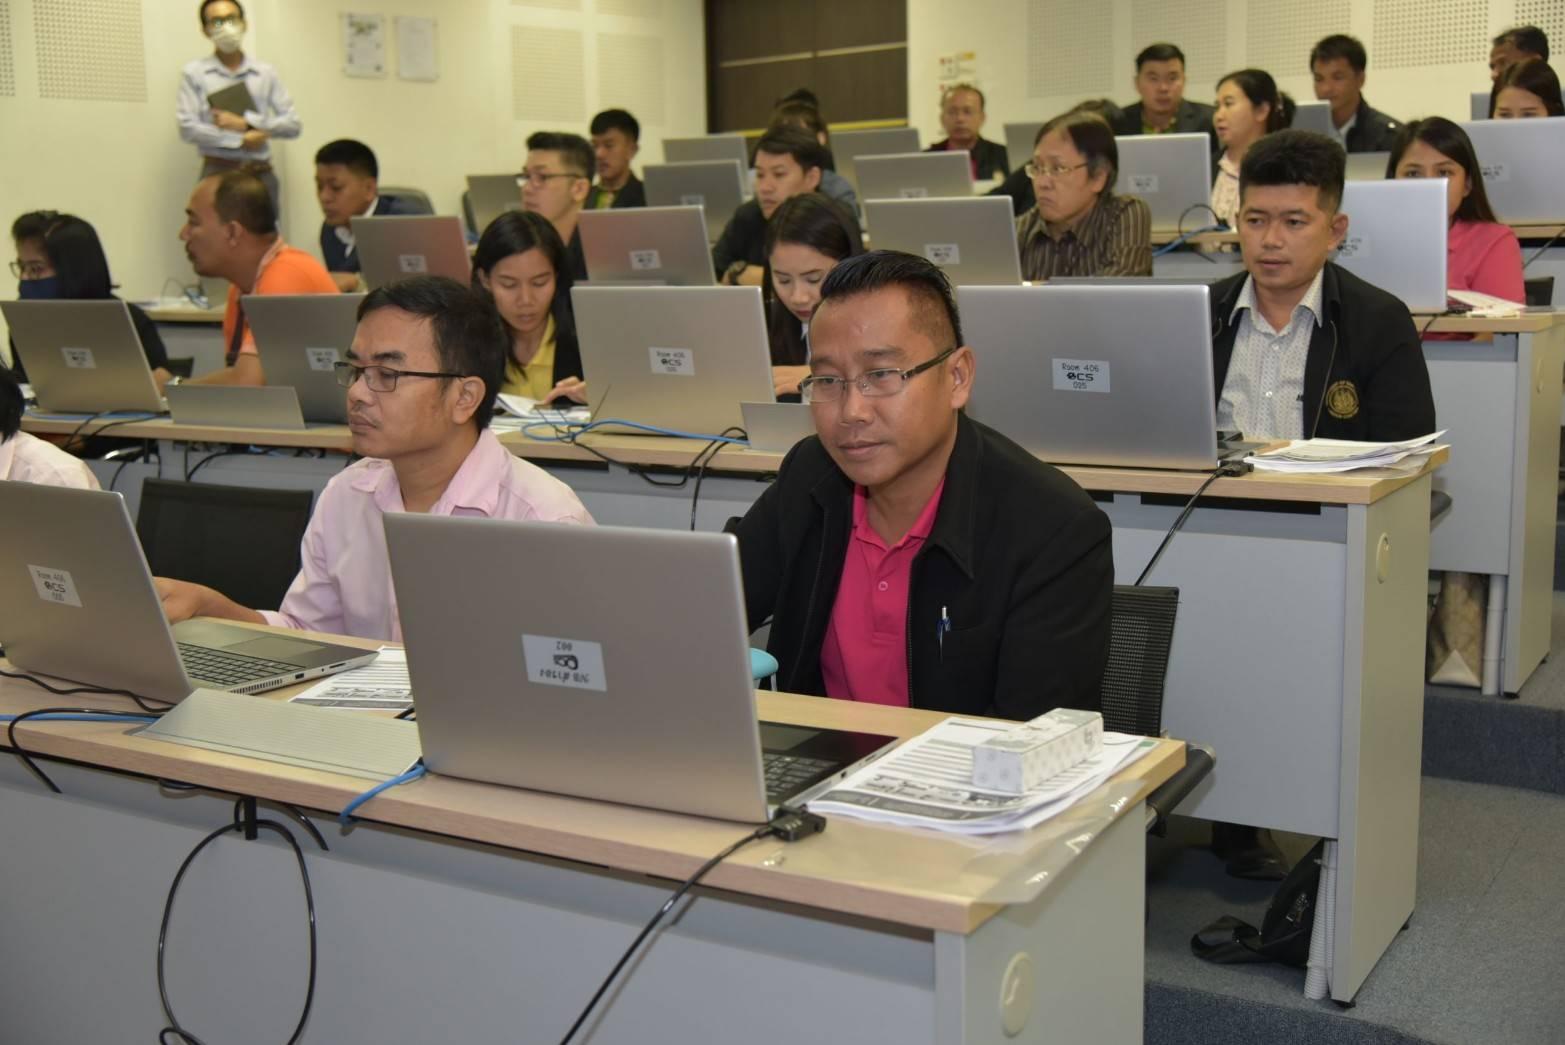 รองอธิบดี เปิดอบรมโครงการปรับปรุงระบบบริการจัดหางานในประเทศผ่านระบบอิเล็กทรอนิกส์ รุ่น 2